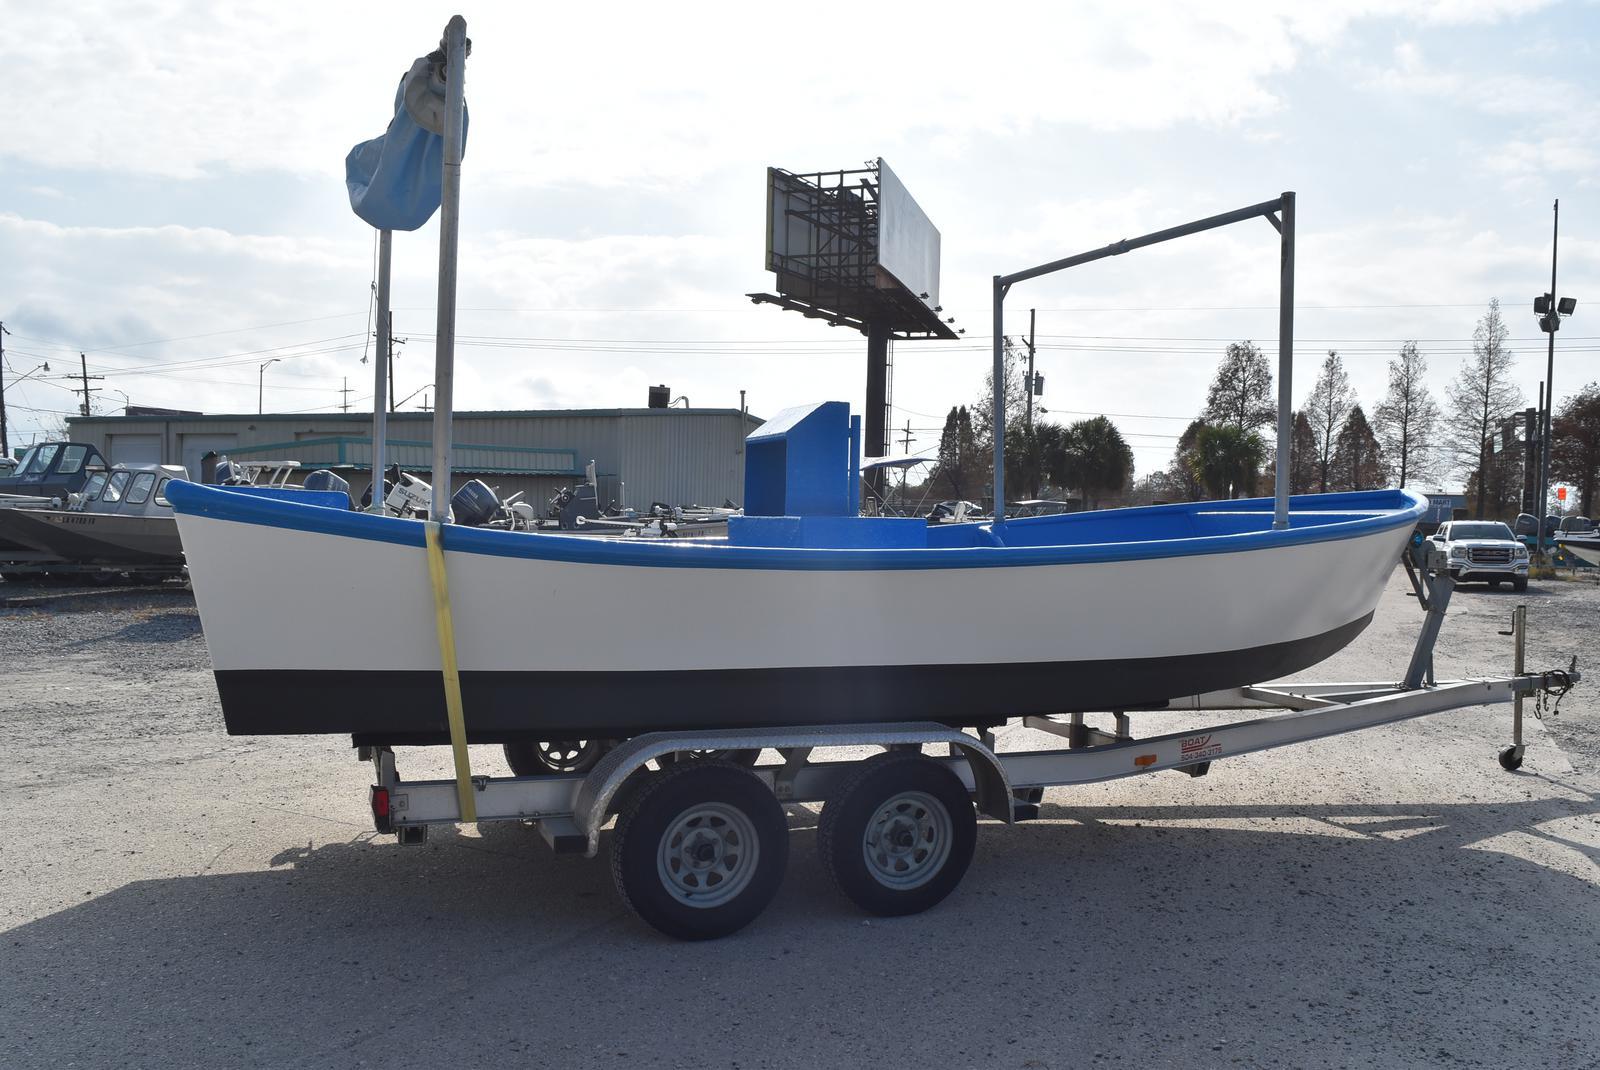 1998 Terrebonne boat for sale, model of the boat is Terrebonne Skiff 22 & Image # 8 of 14